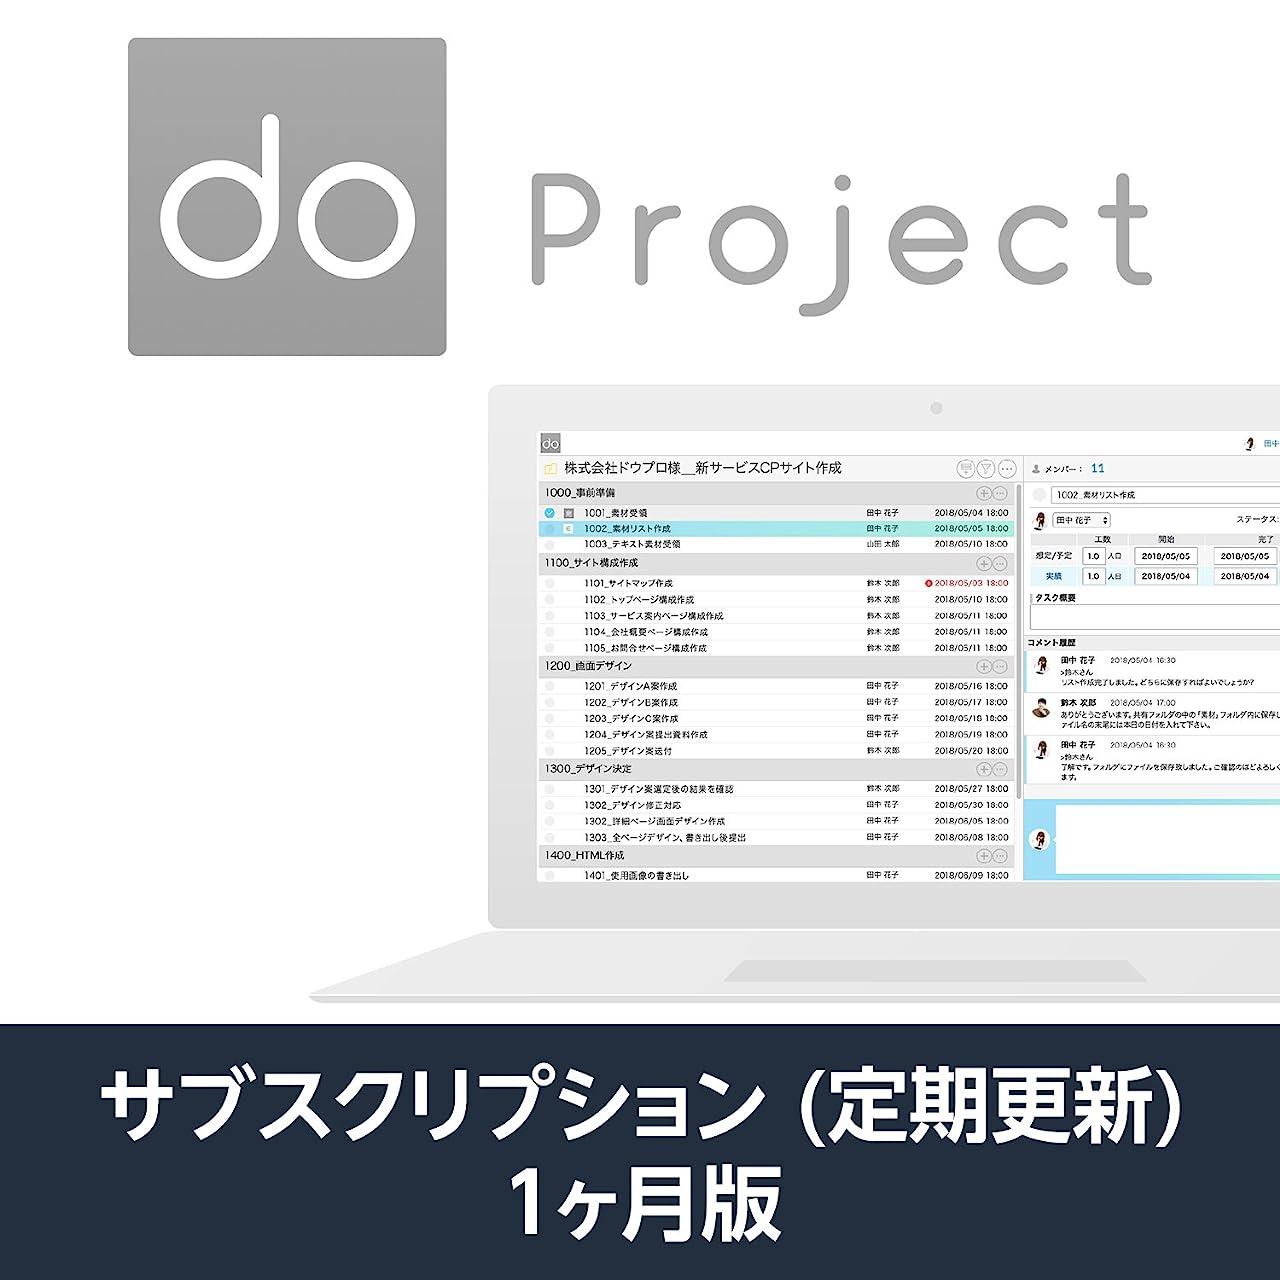 池哲学者立方体do.pj (do project プロジェクト管理ツール)| 1か月プラン | サブスクリプション(定期更新)